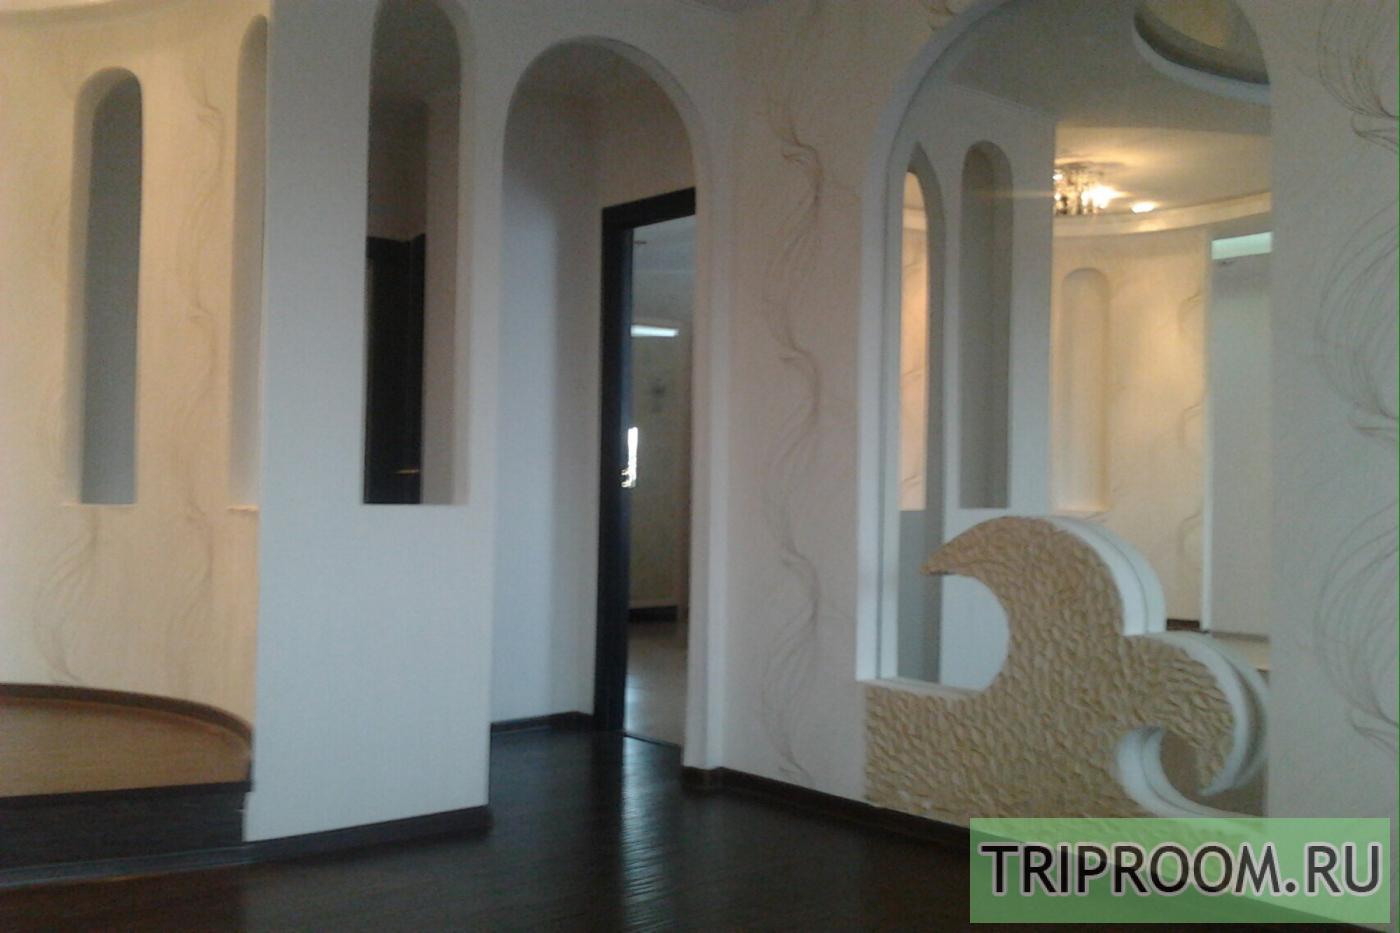 2-комнатная квартира посуточно (вариант № 4669), ул. 30 лет Победы улица, фото № 5